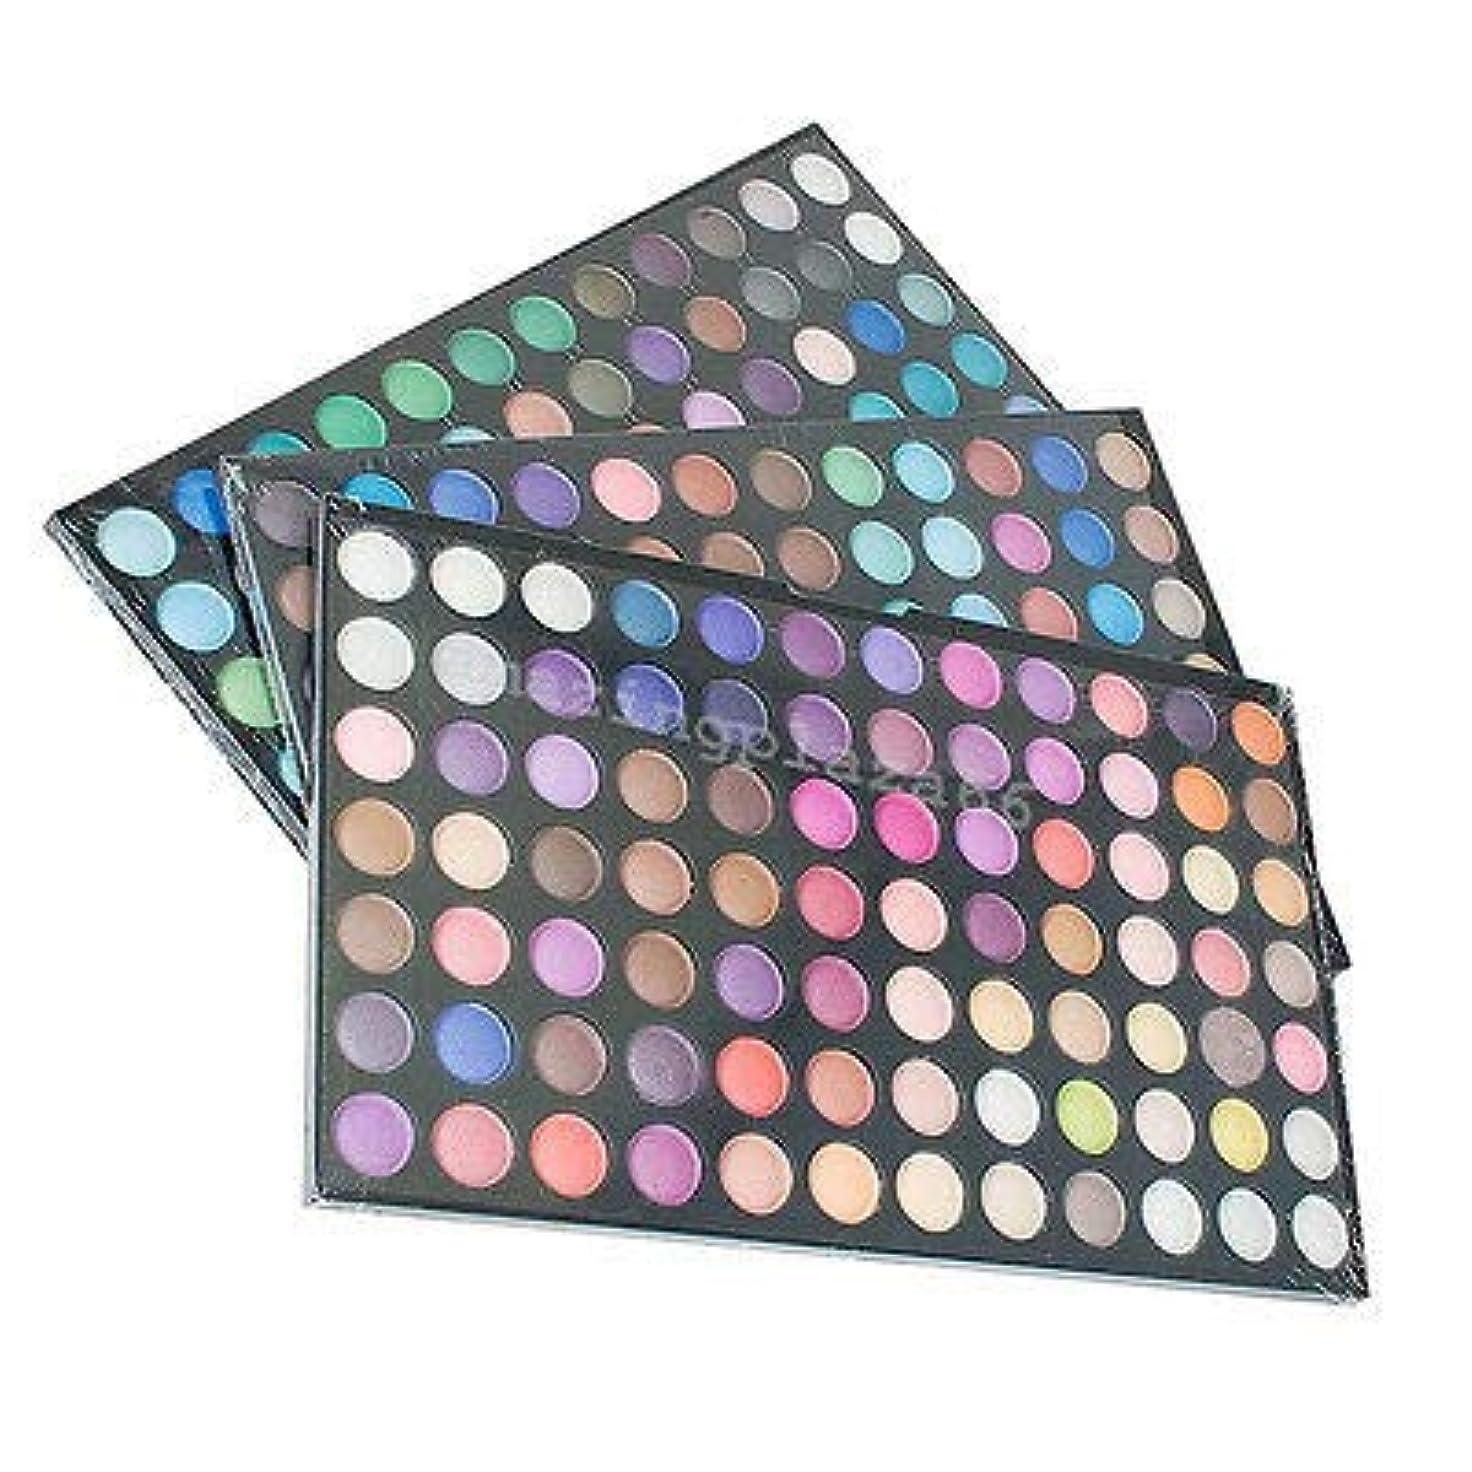 構成才能のあるブレークFidgetGear 252色化粧品マットアイシャドークリームアイシャドーメイクアップパレットシマー598g